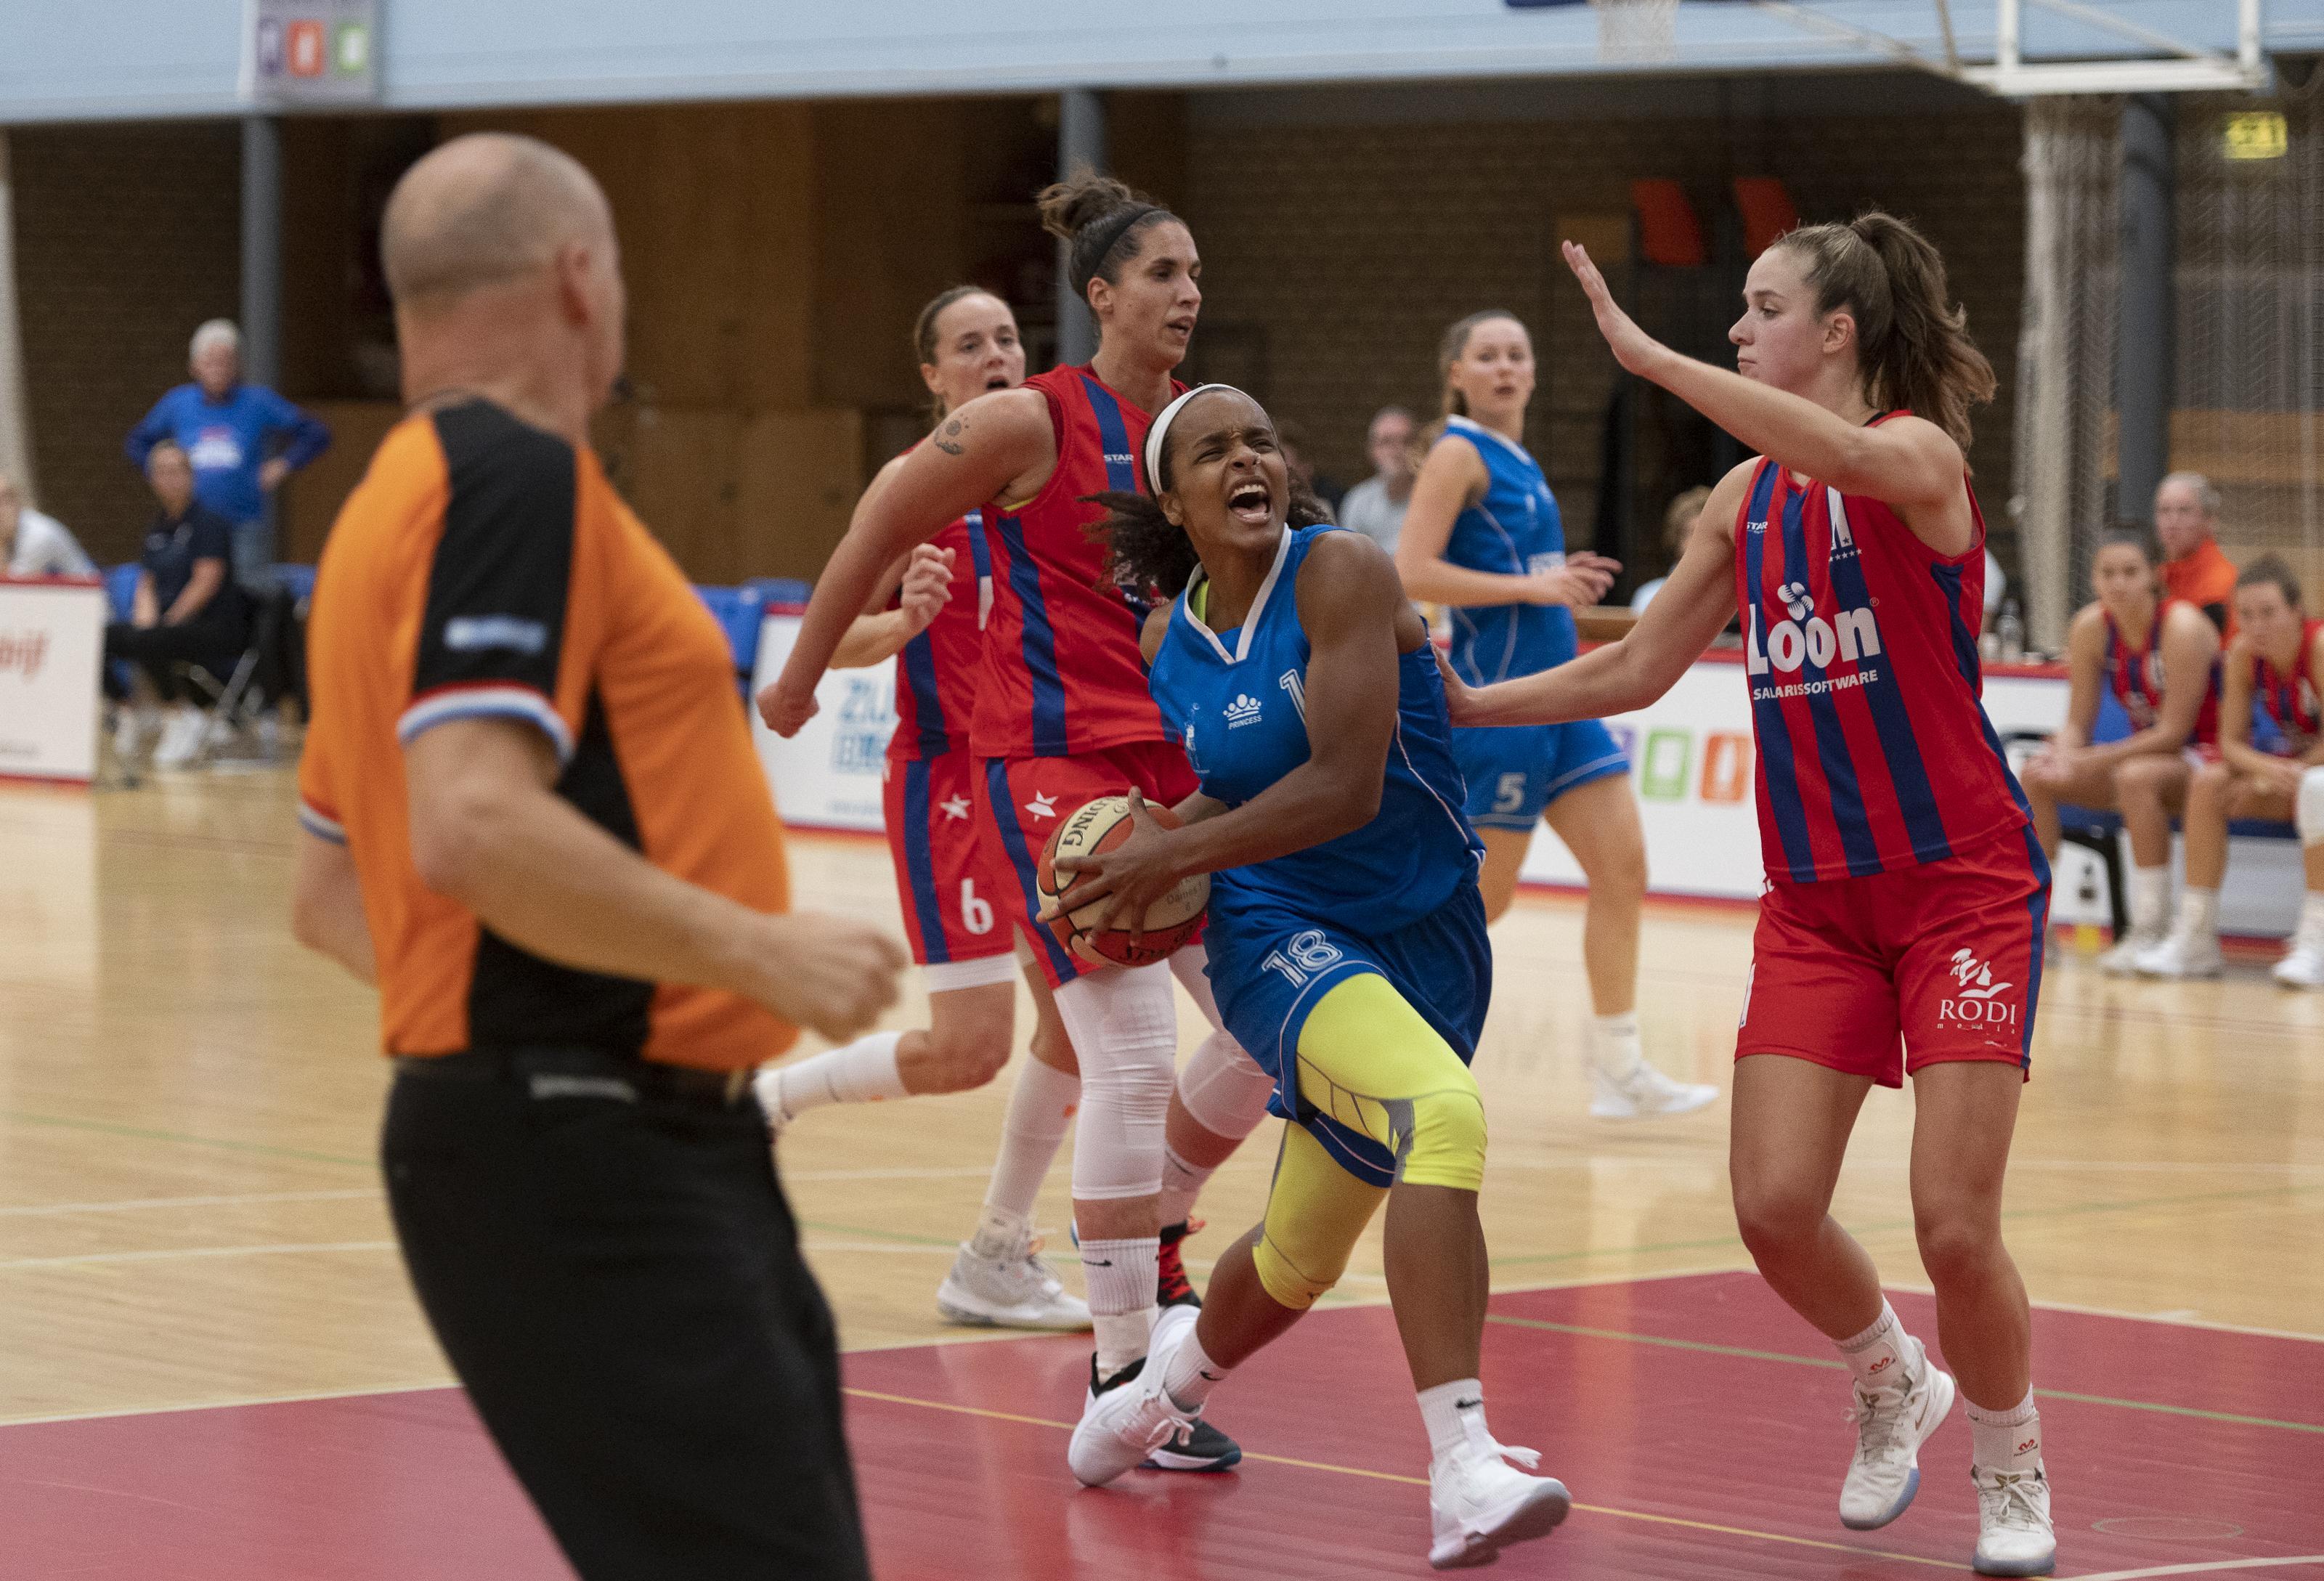 Basketbalsters Lions beginnen maandag met groepstraining, handballers en zaalvoetballers Volendam wachten af: 'We gaan in ieder geval niet blind van start'